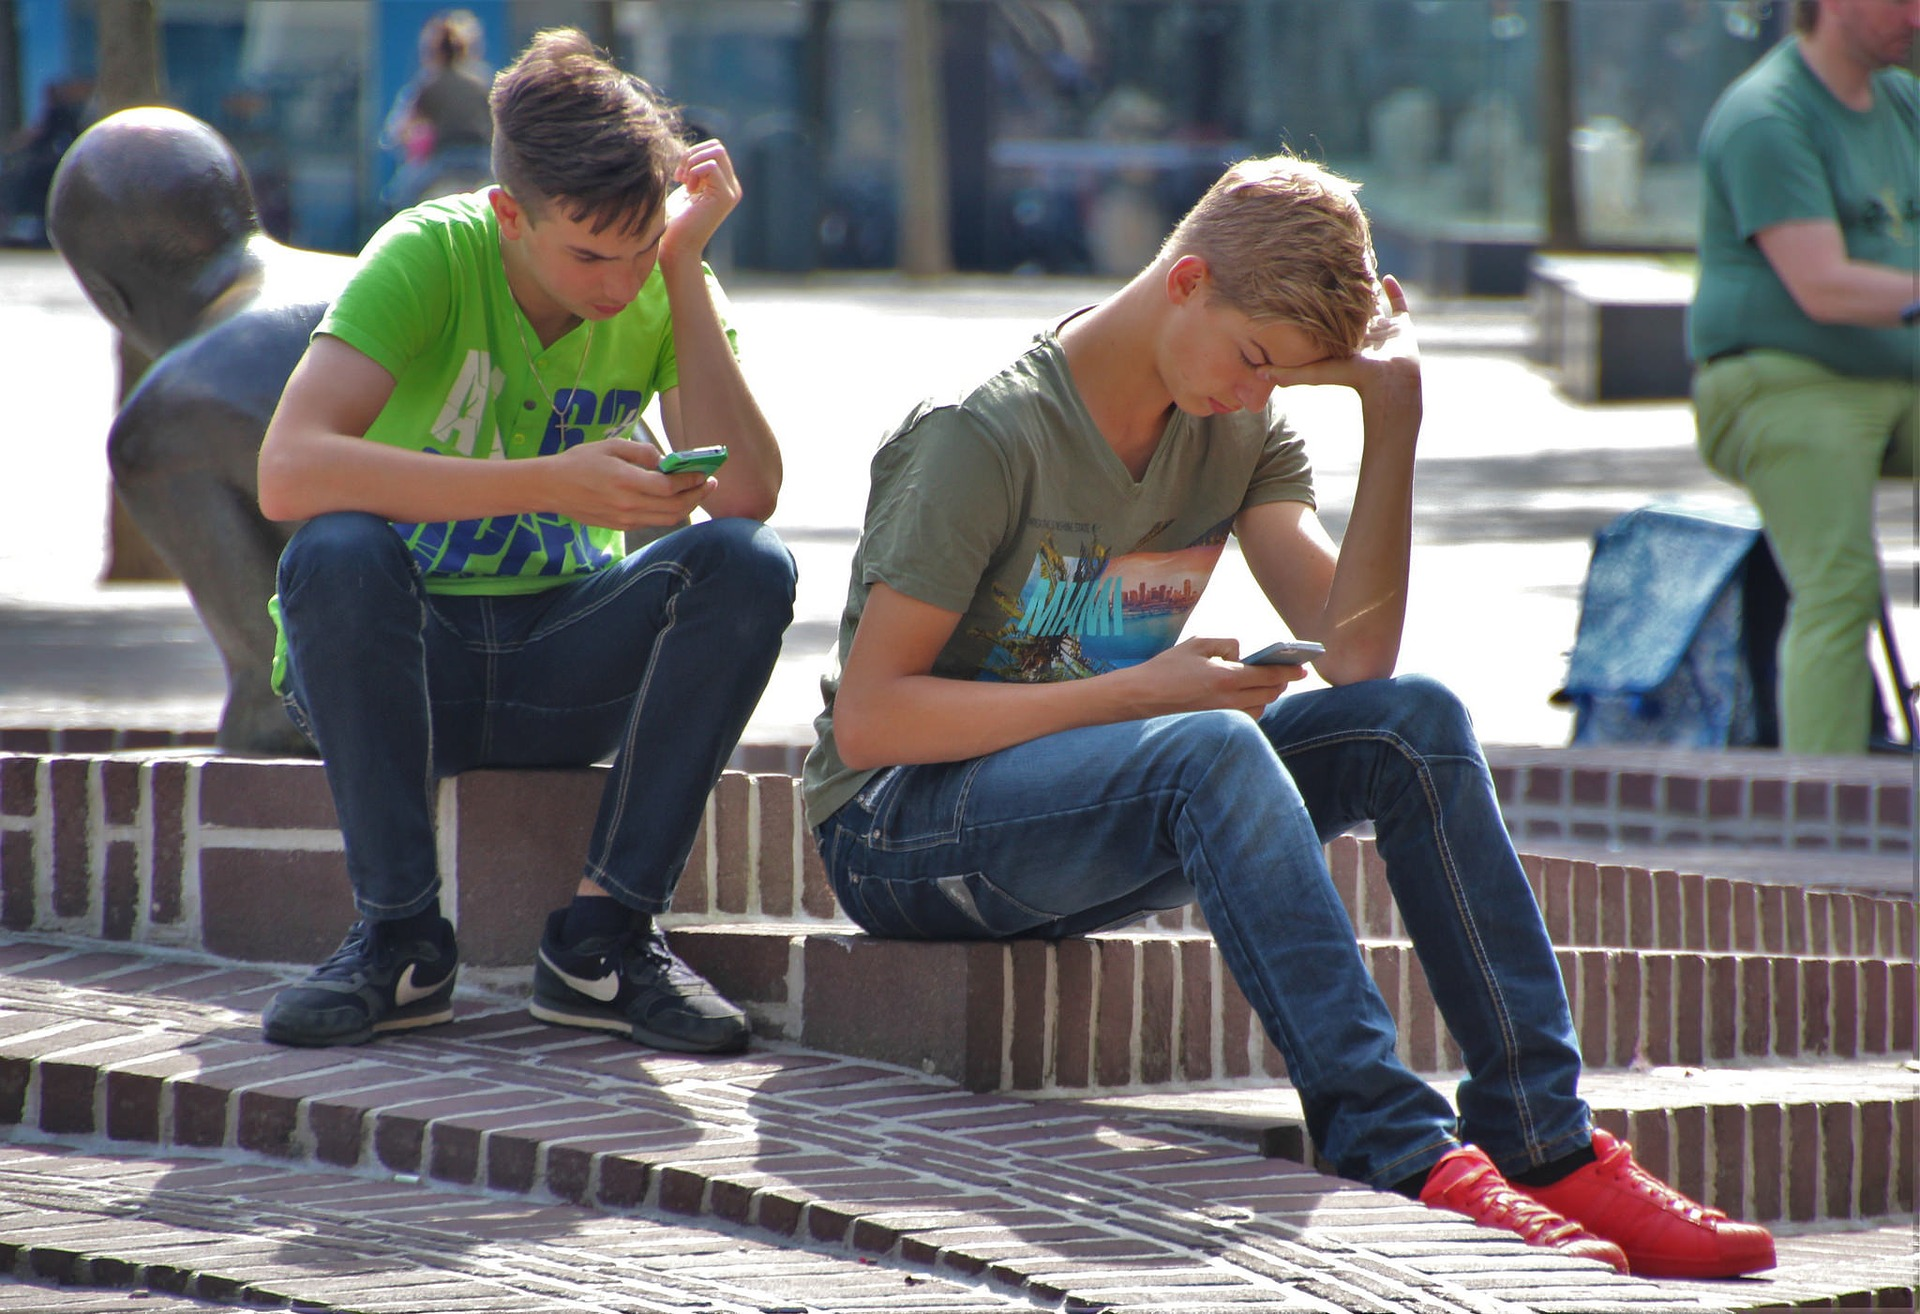 Kaksi nuorta miestä istuu ulkona ja ovat syventyneet puhelimiinsa, vieressä metallinen patsas.